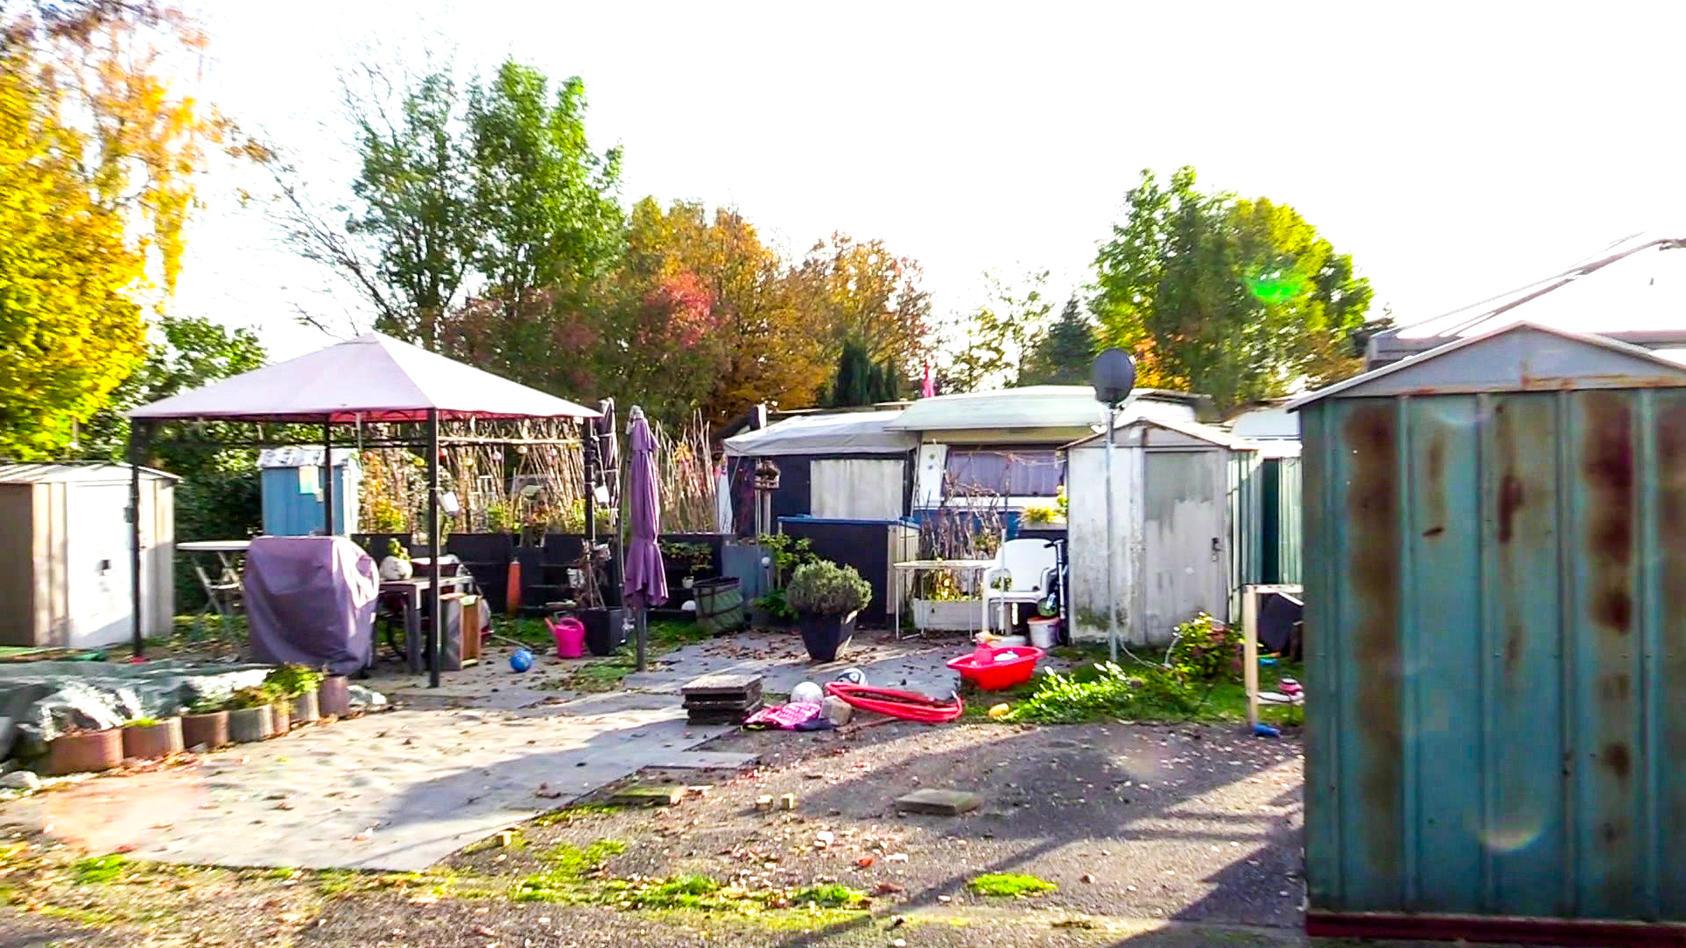 Die Düsseldorfer Polizei hat zwei Wohnwagen auf einem Campingplatz am Unterbacher See durchsucht.